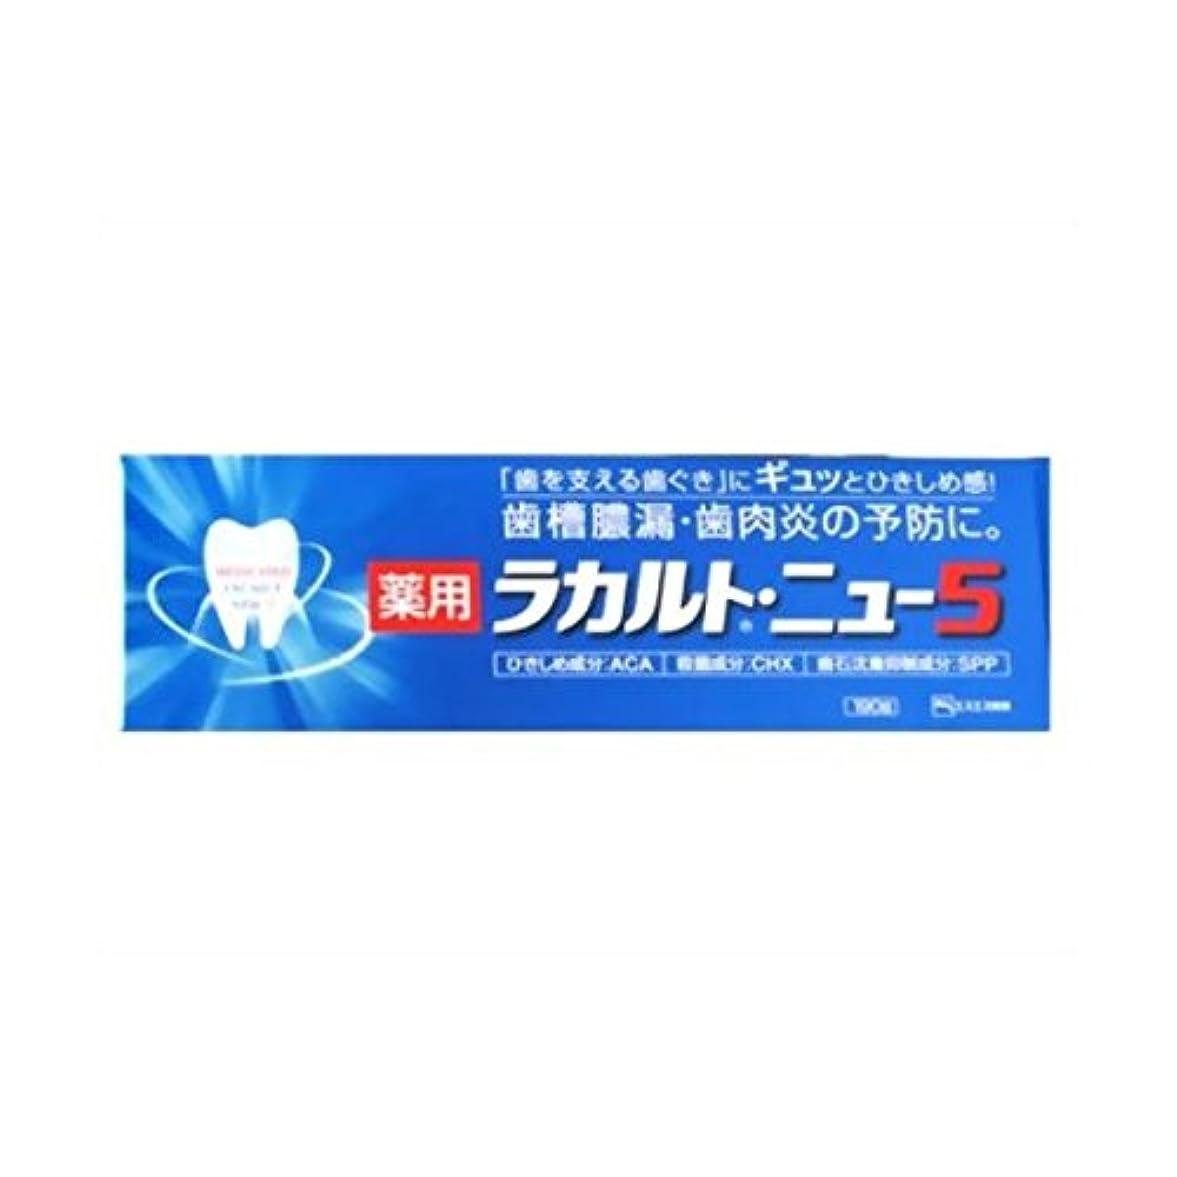 離れた閉塞悪性【お徳用 3 セット】 薬用ラカルトニュー5 190g×3セット